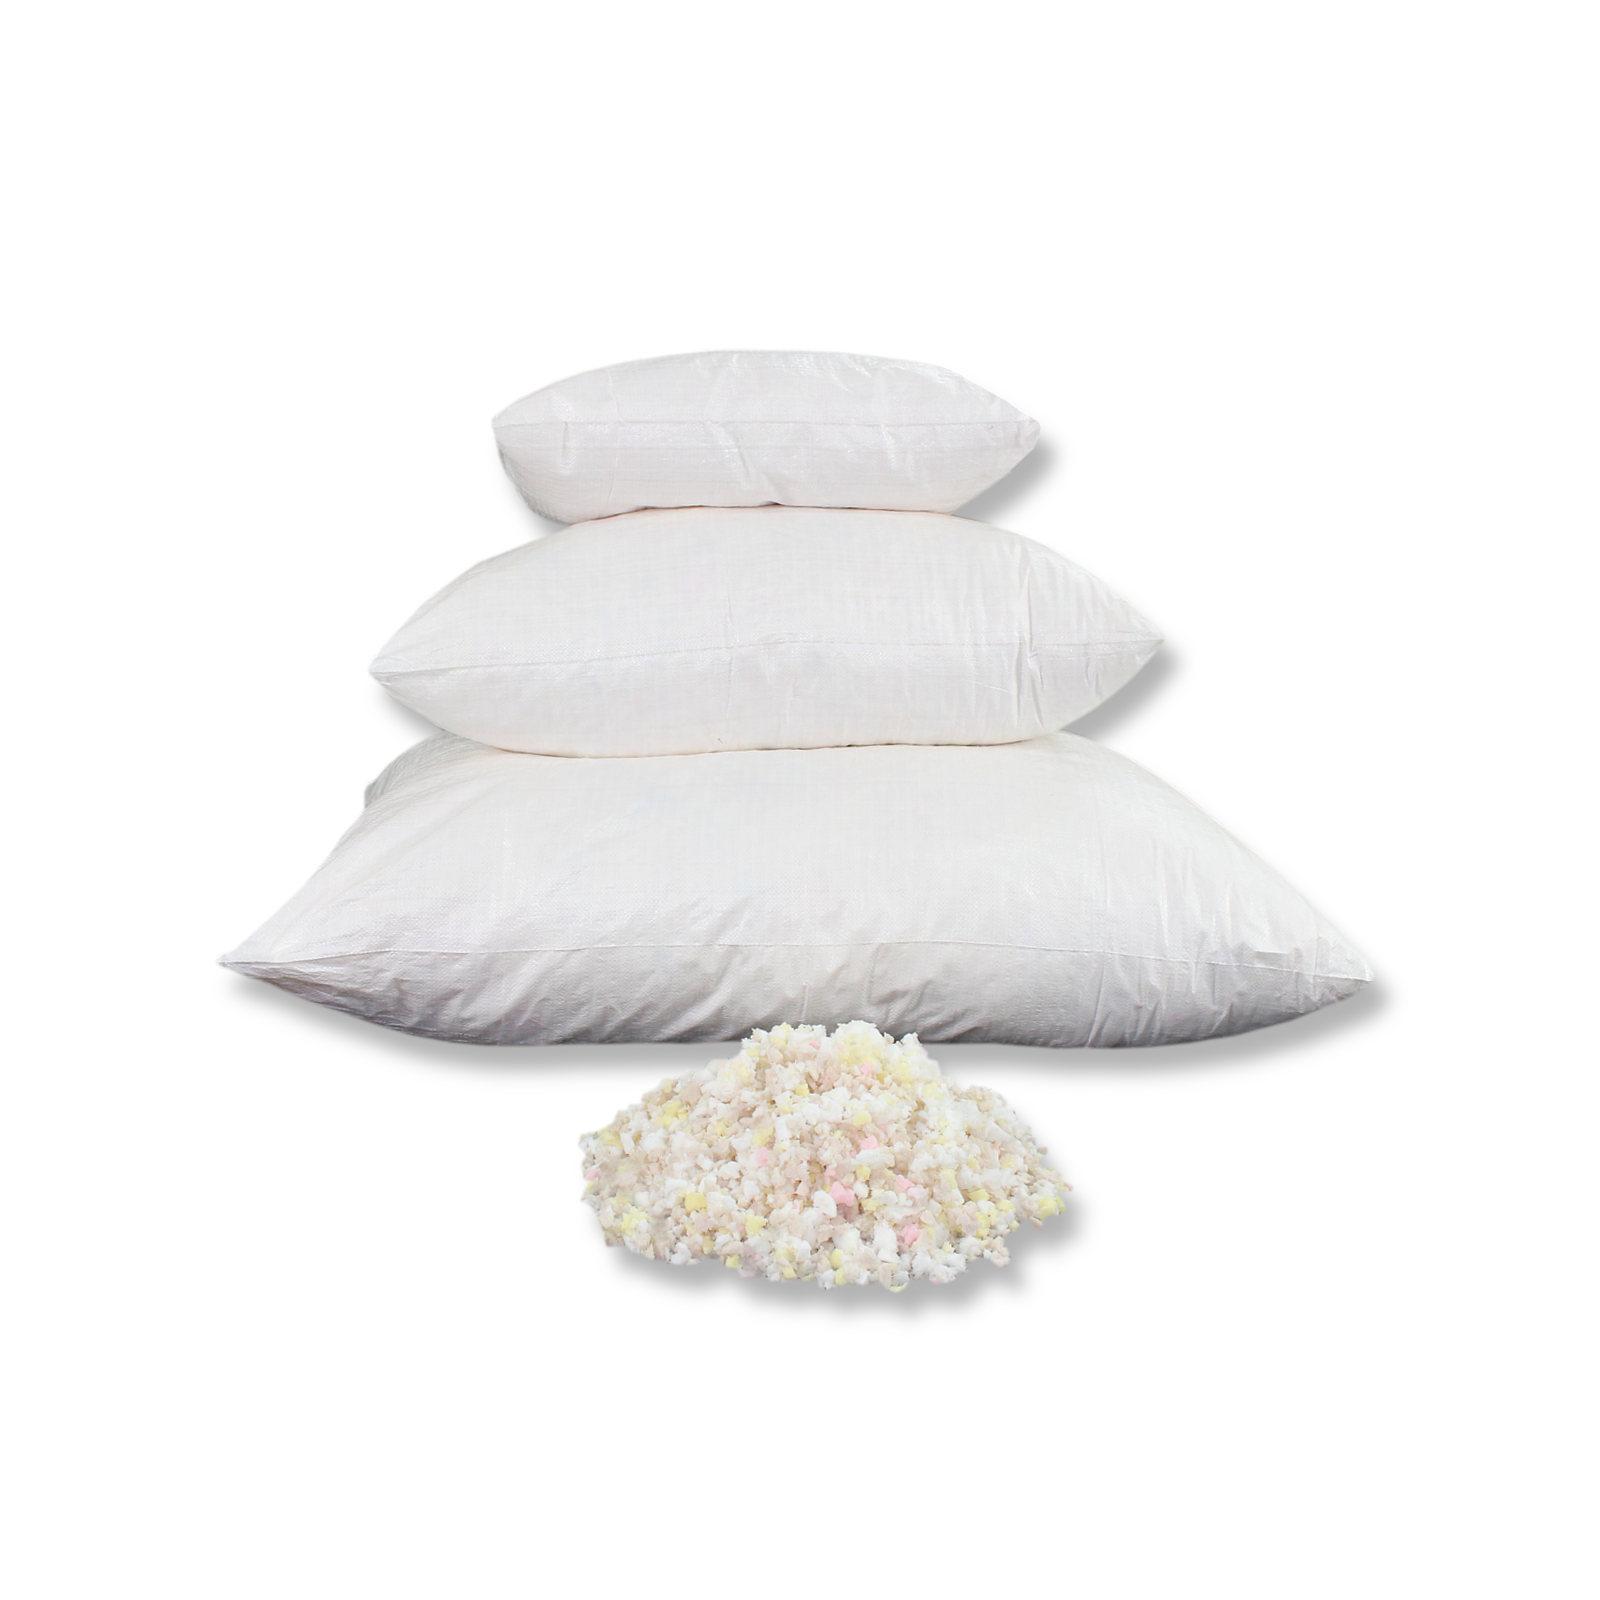 1kg FoamMixfüll© Premium Füllmaterial für Kissen Schaumstoffflocken